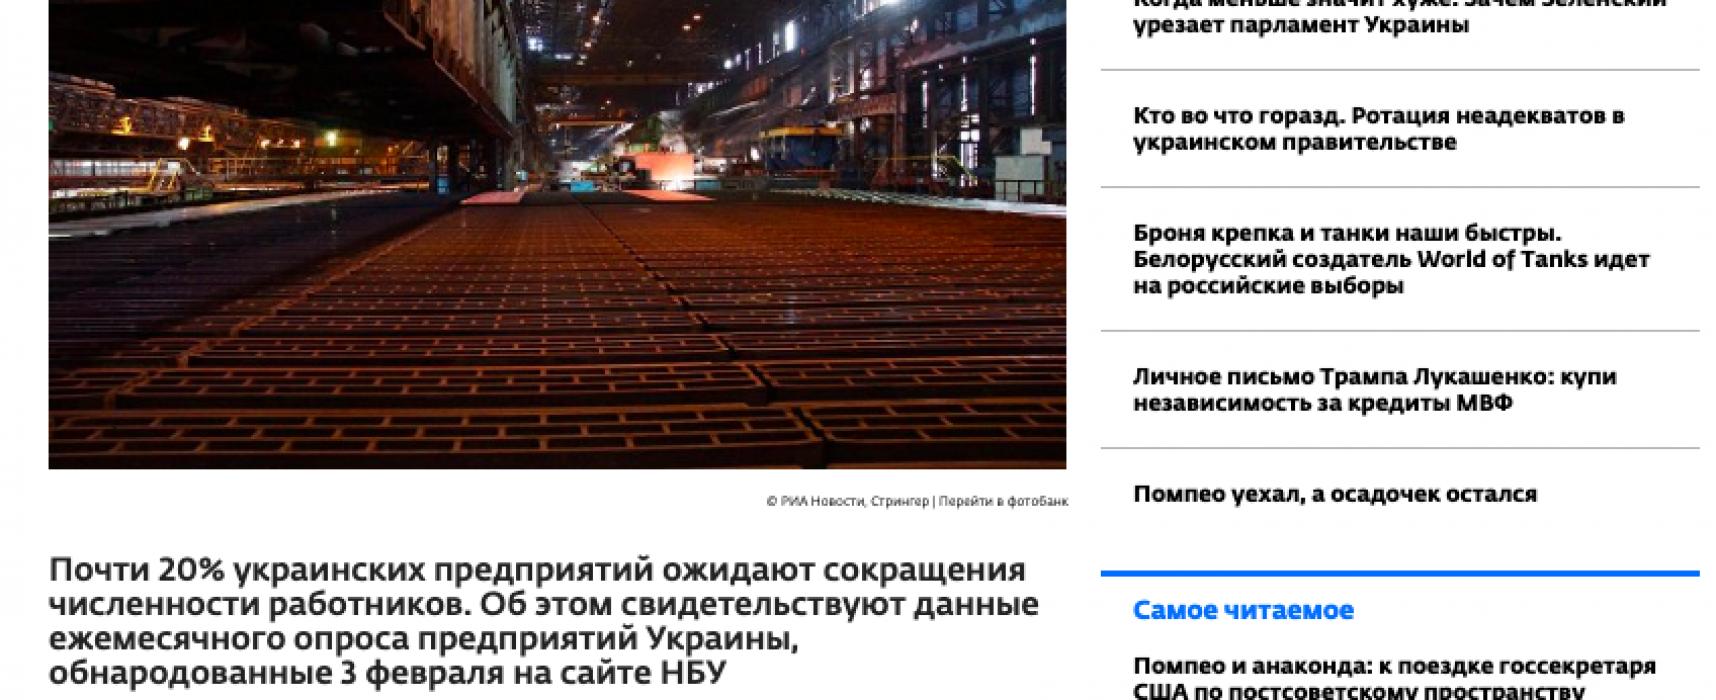 Манипуляция: Украинские предприятия планируют массовые сокращения